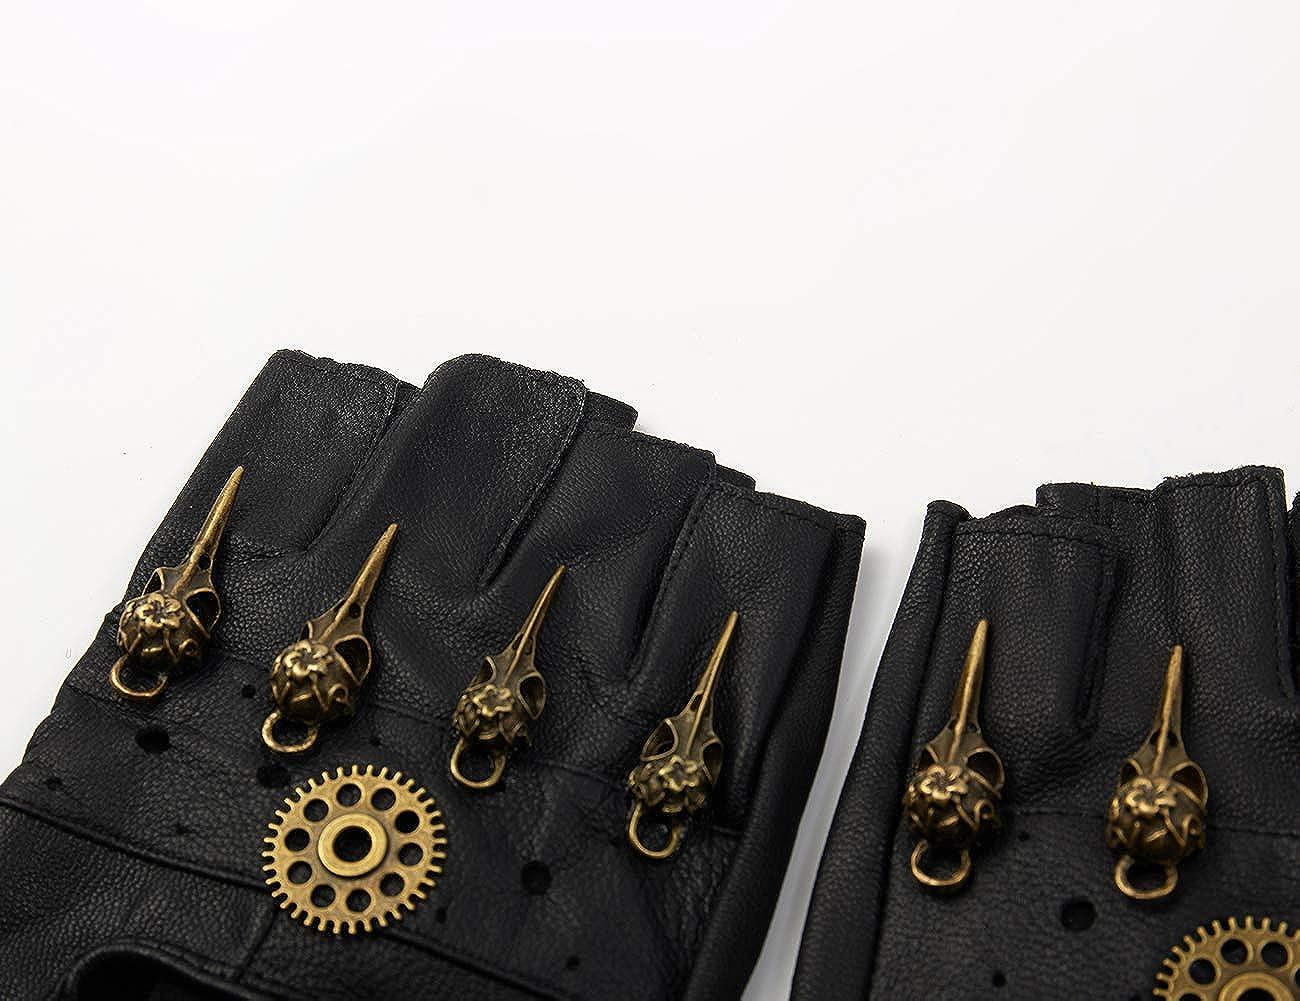 Gants en Cuir Steampunk Mitaines Gothiques sans Doigts